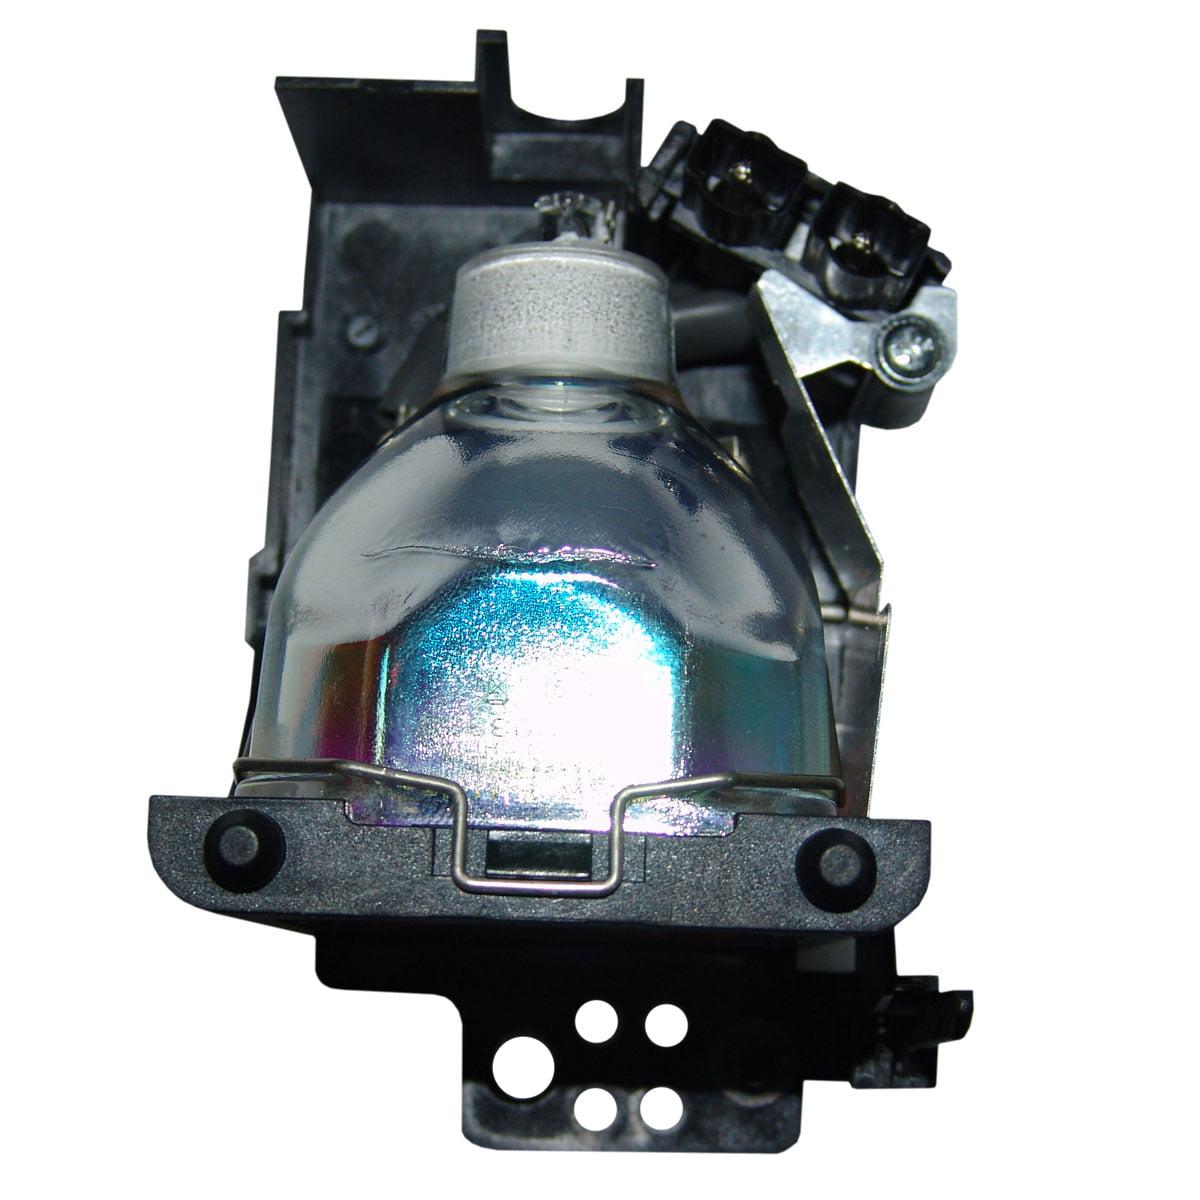 Lampe de rechange Philips originale avec bo�tier pour Projecteur Liesegang DV-425 - image 2 de 5